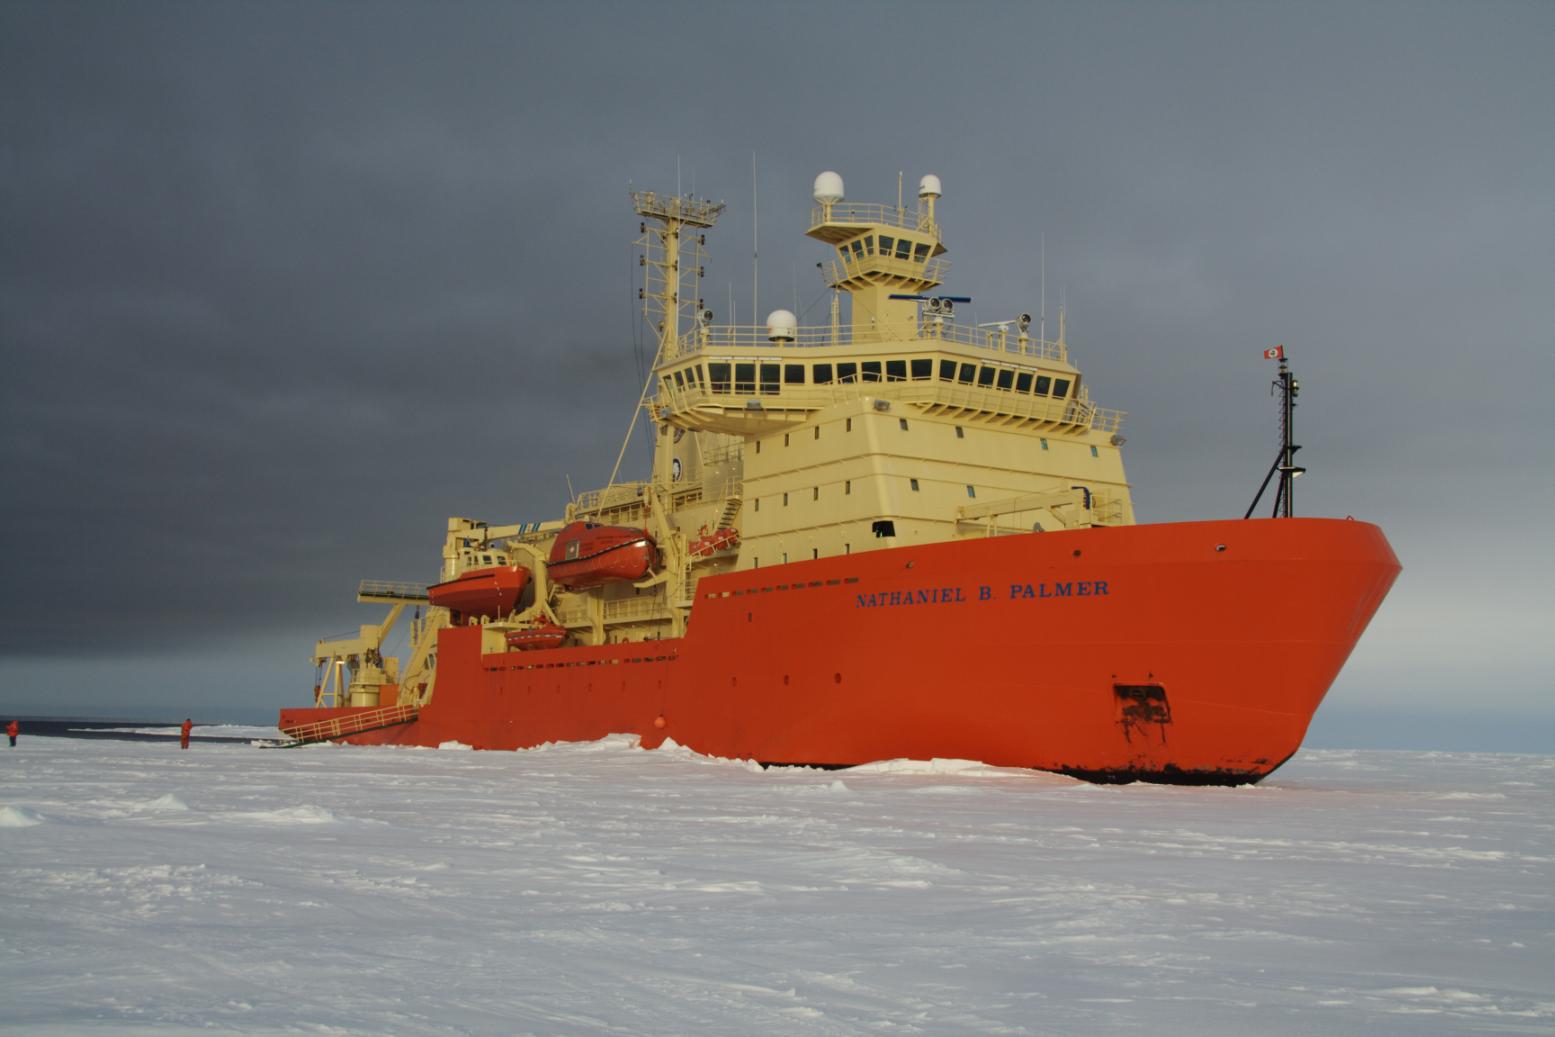 Palmer in the ice (NBP0901)